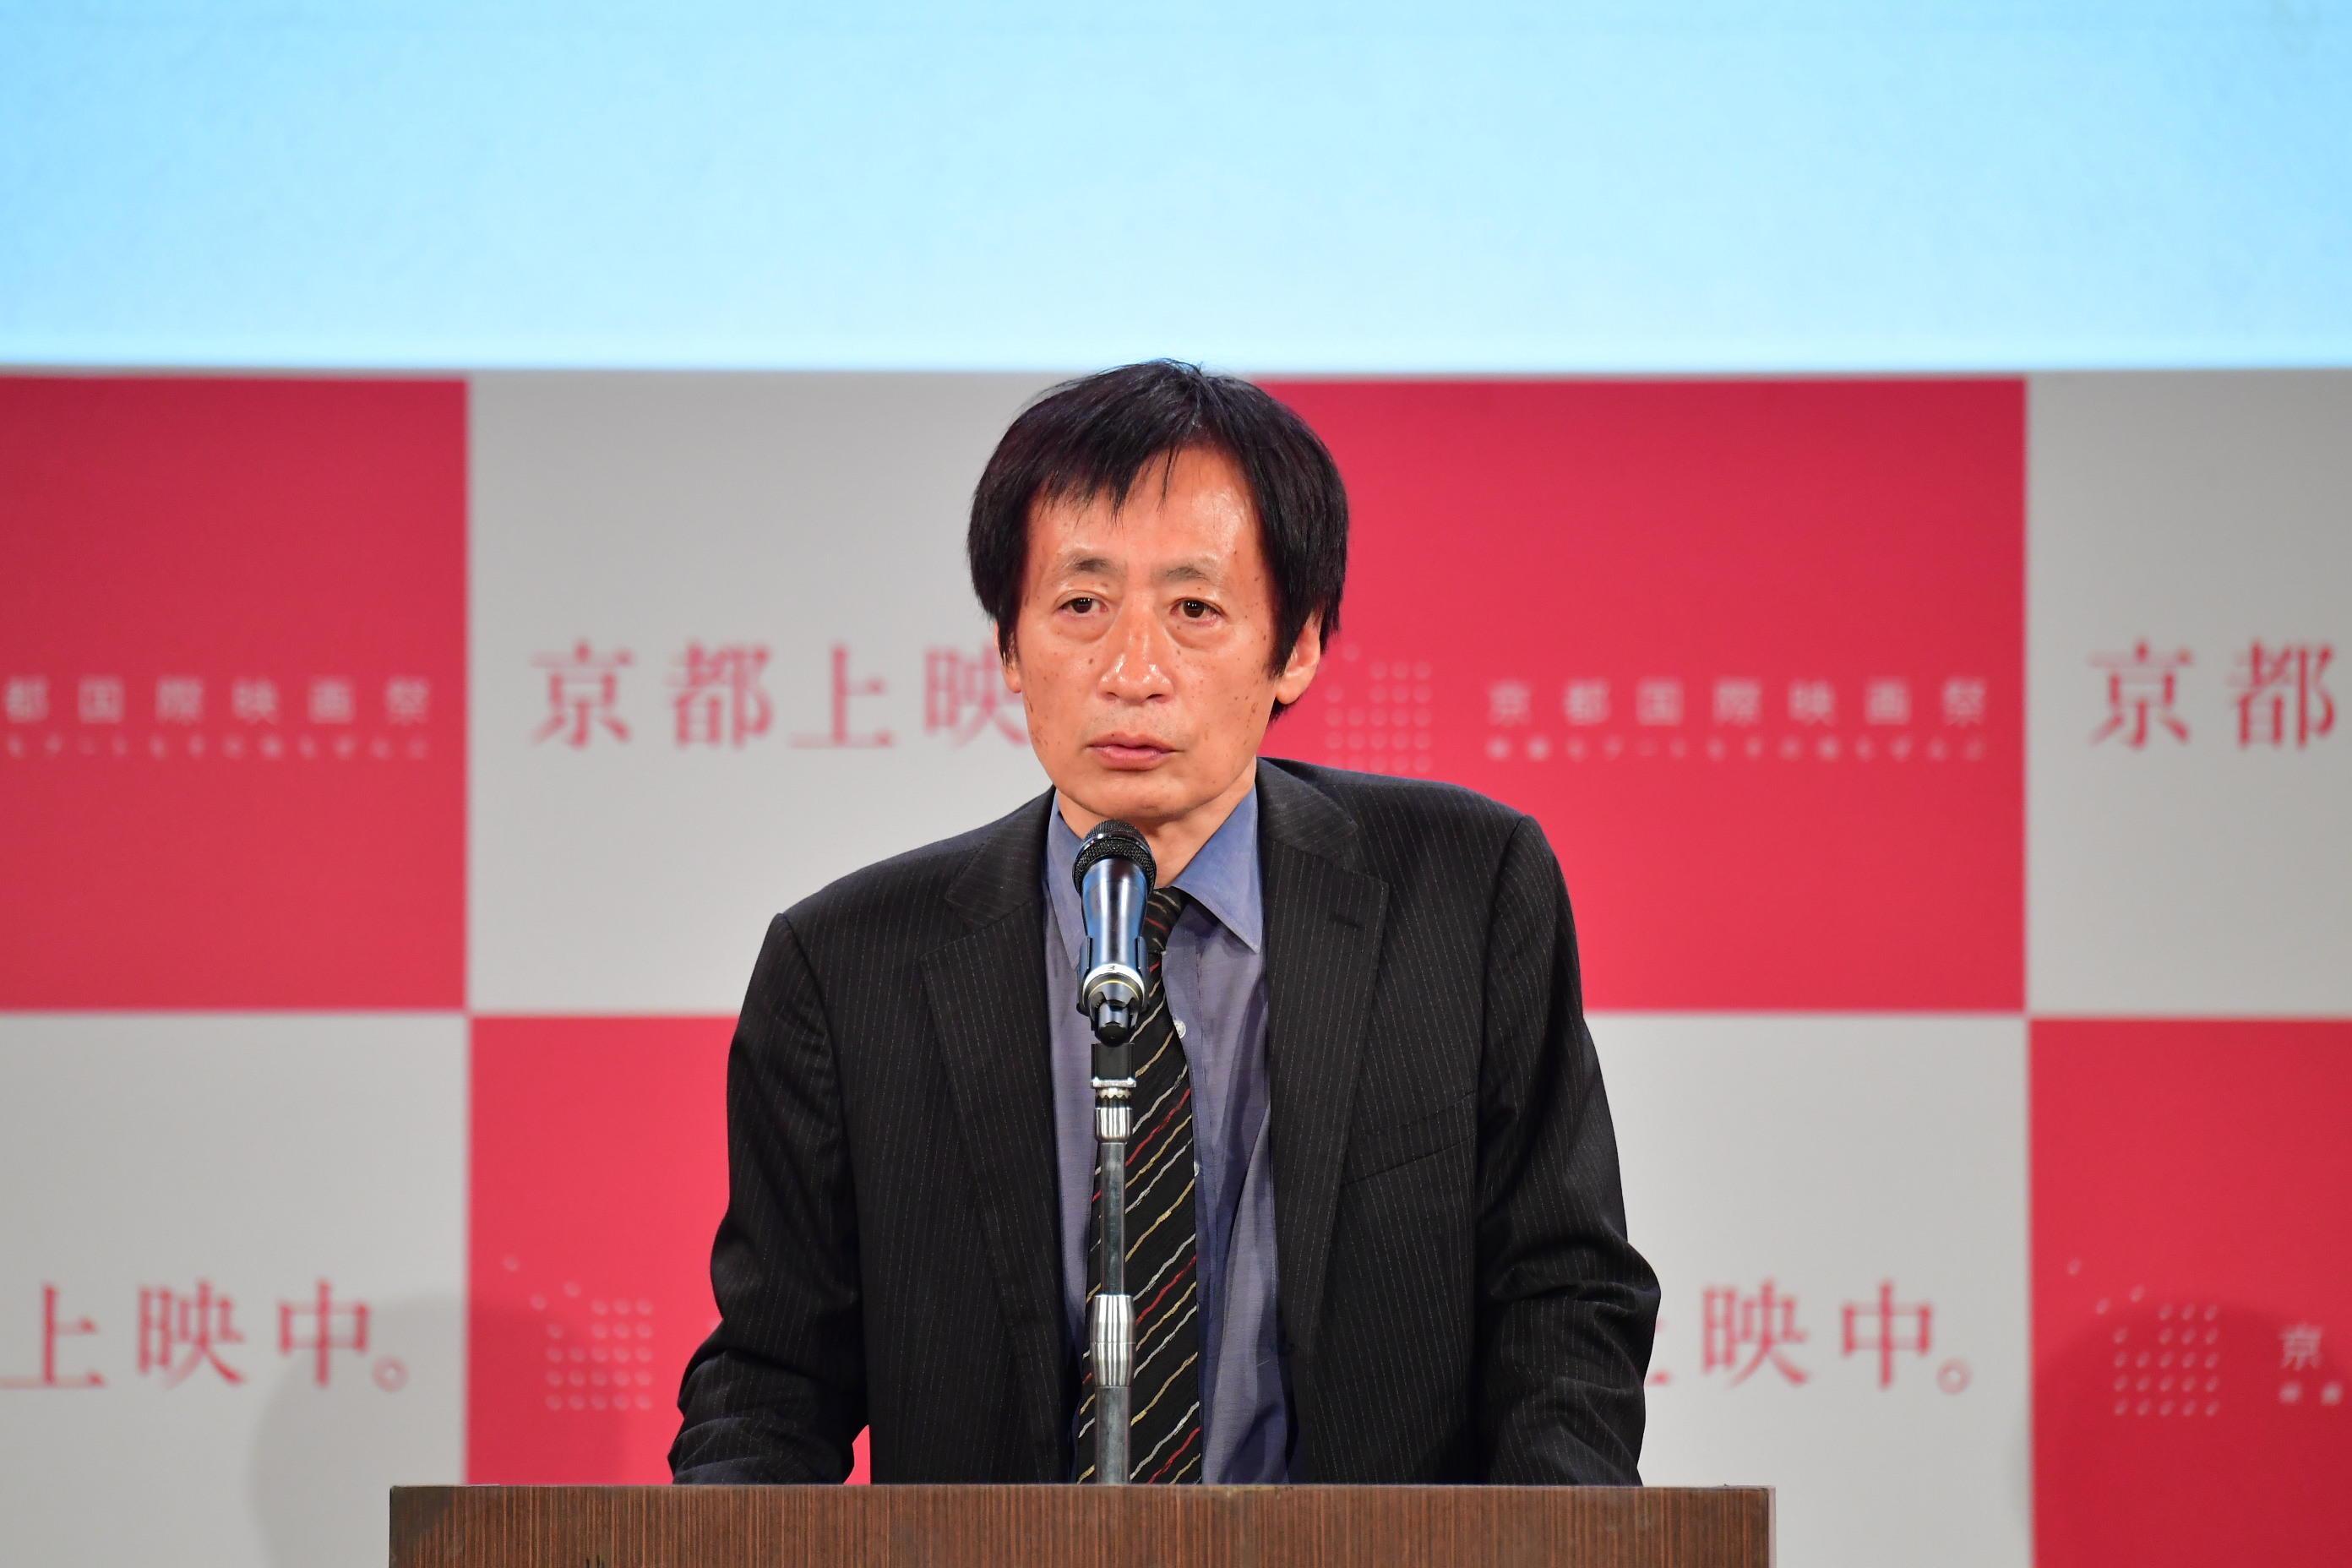 http://news.yoshimoto.co.jp/20180903232235-239d164cd5d5e06ba2ebc47990ac9b9ebdd242ef.jpg